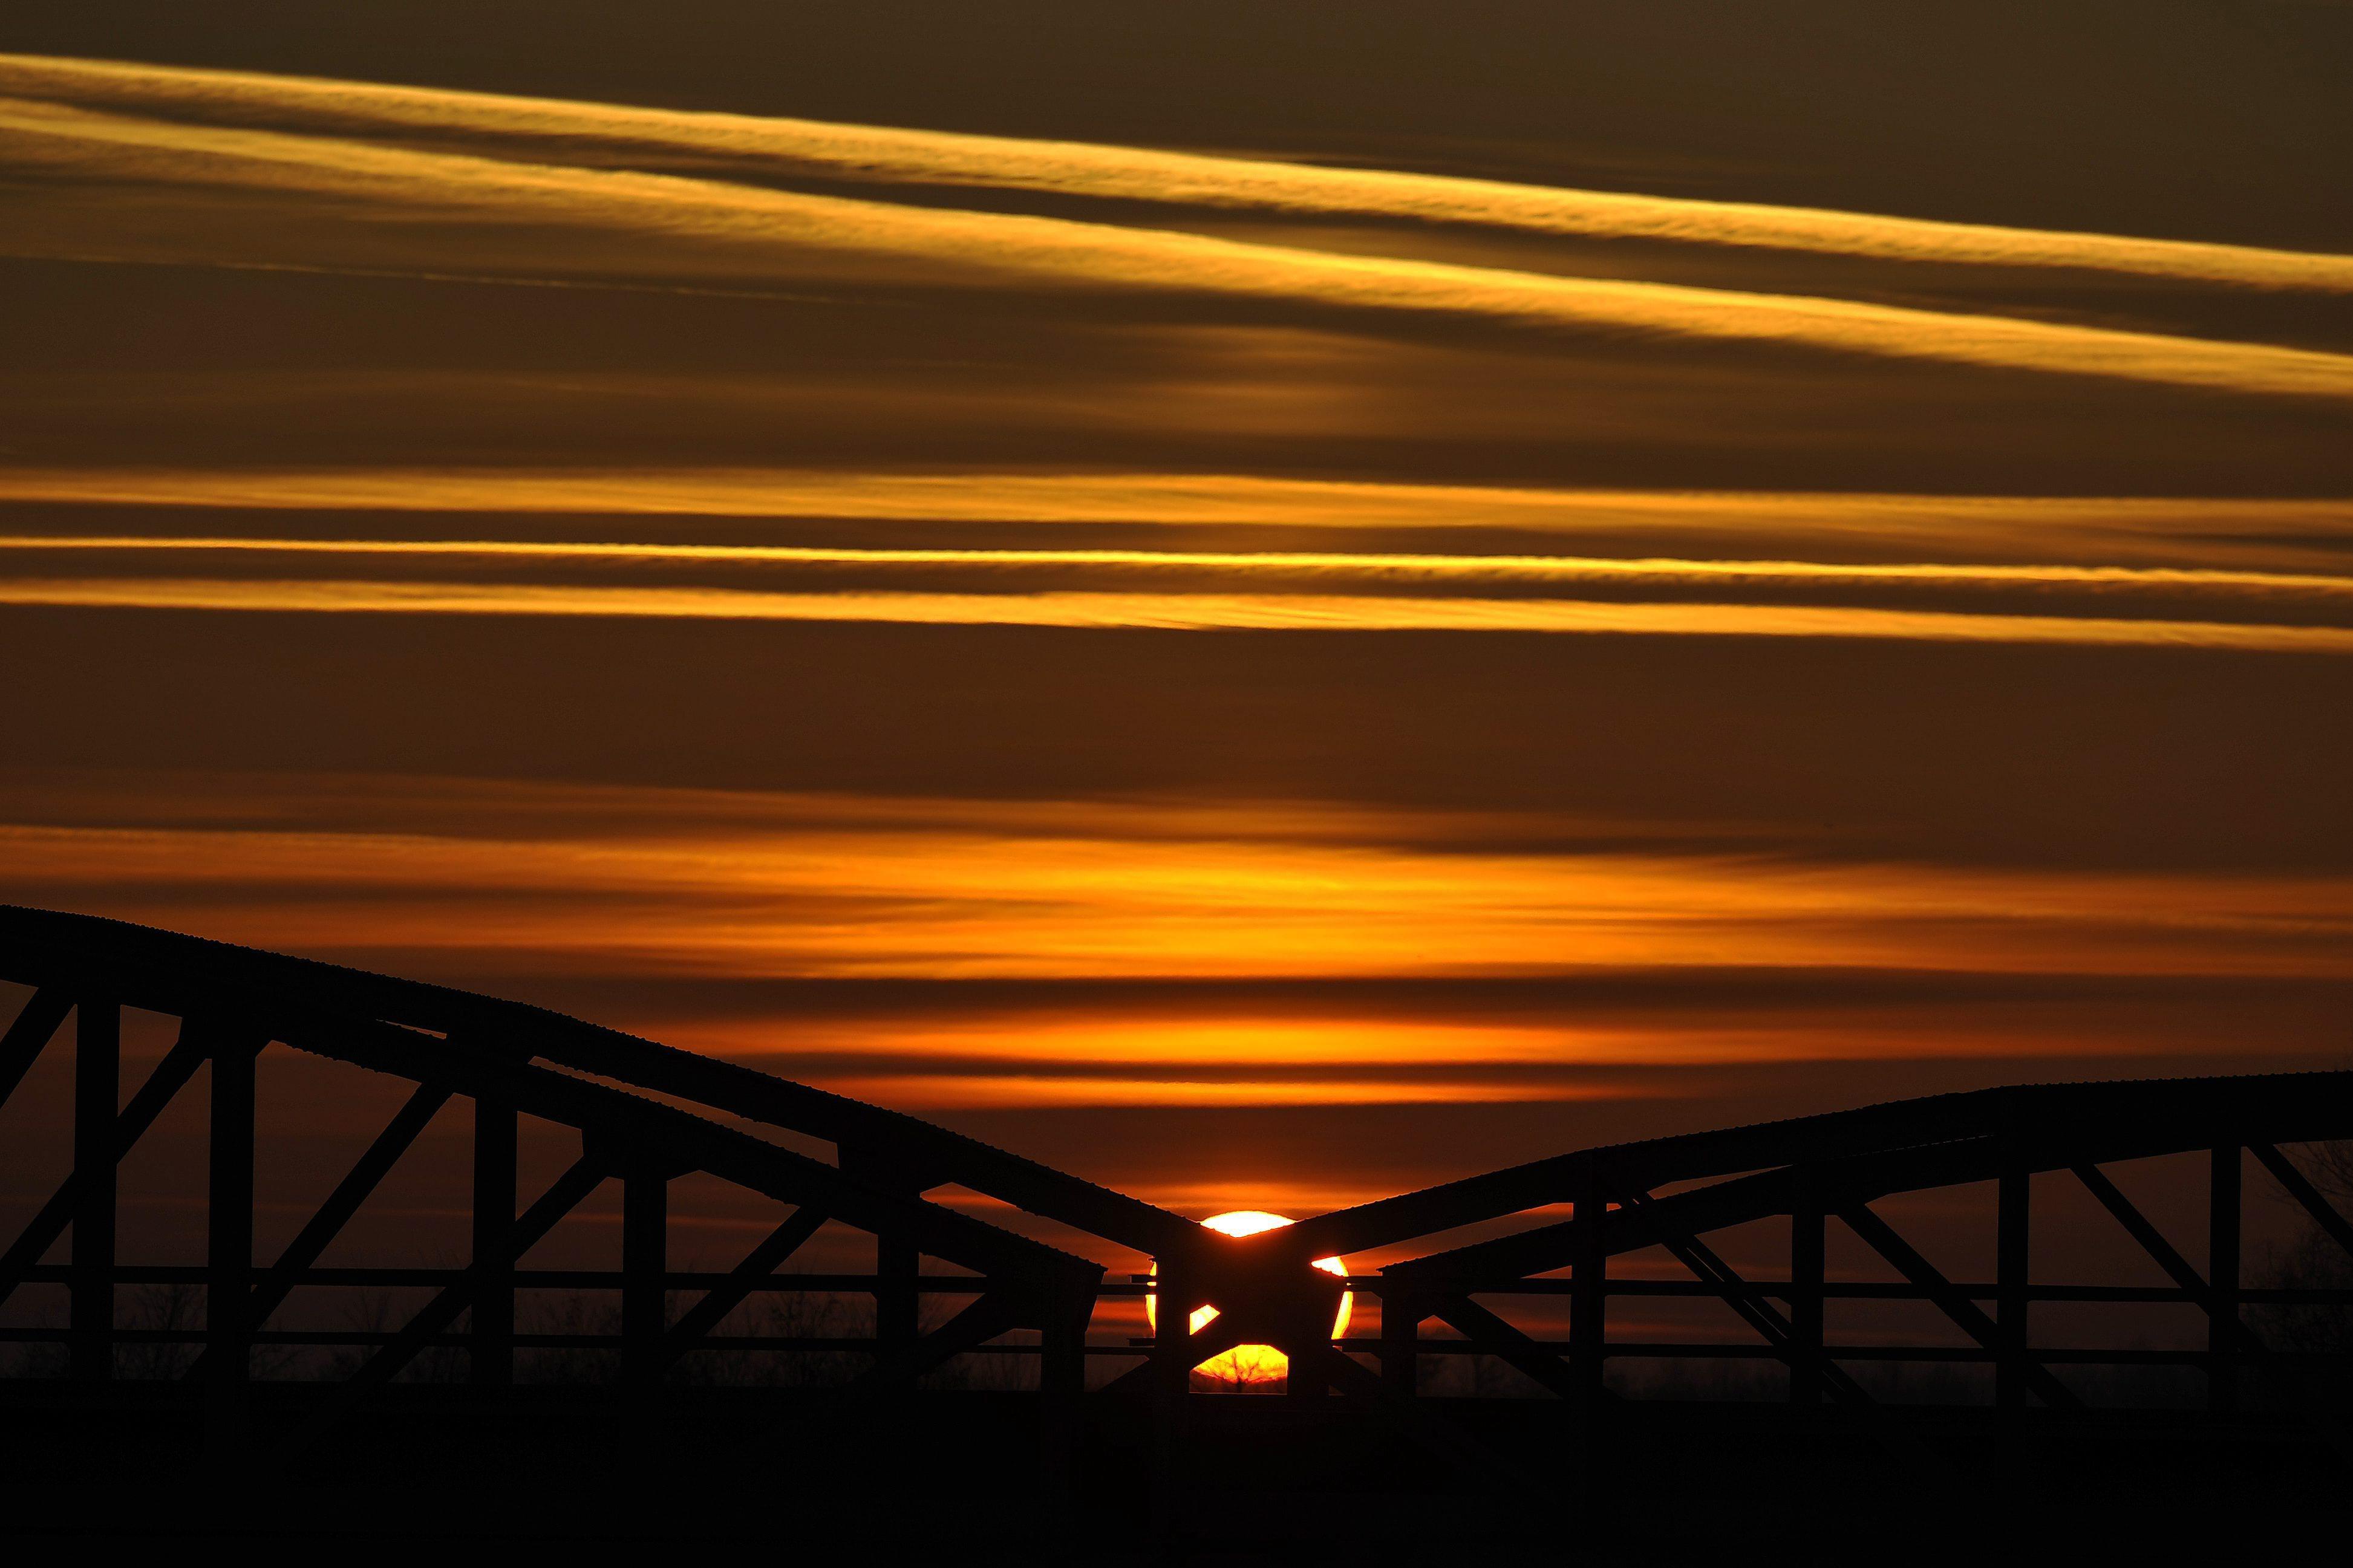 Oravecz-idézetért kiáltó képet hozott össze a vasúti híd és a Nap Pocsajon